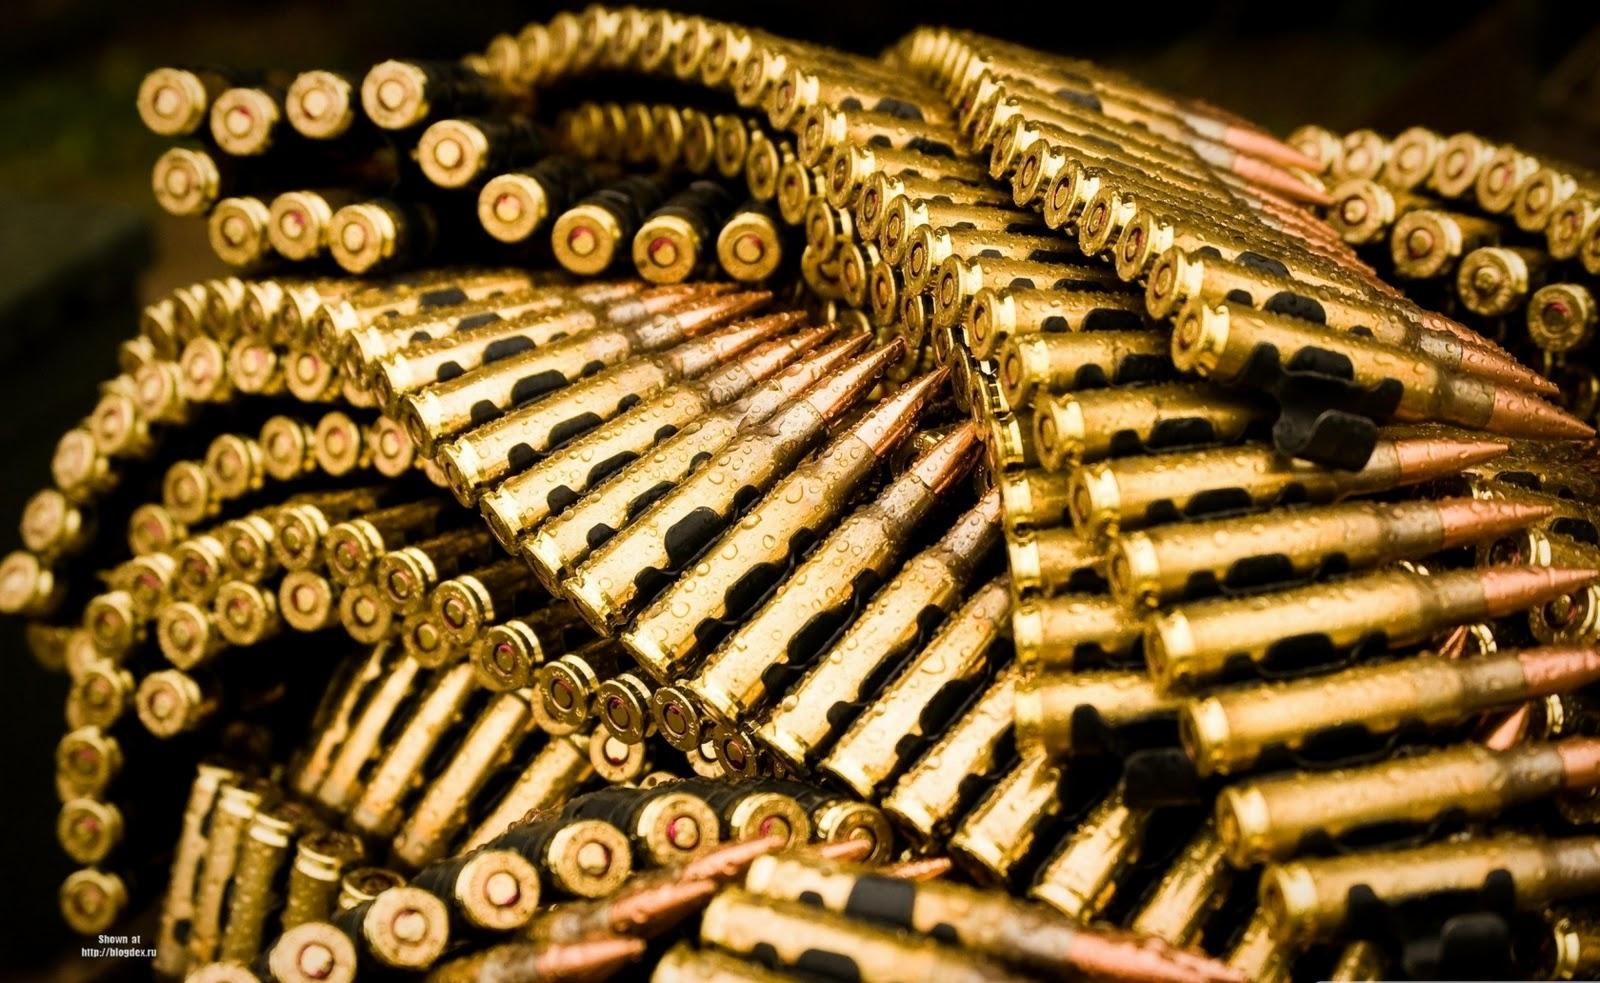 http://4.bp.blogspot.com/-DMQwDw3_iOI/Td3_LfQLnxI/AAAAAAAAHAk/Nlbg25JzUg8/s1600/hd%2Bwallpaper%2Bammunition%2Bbelt.jpg